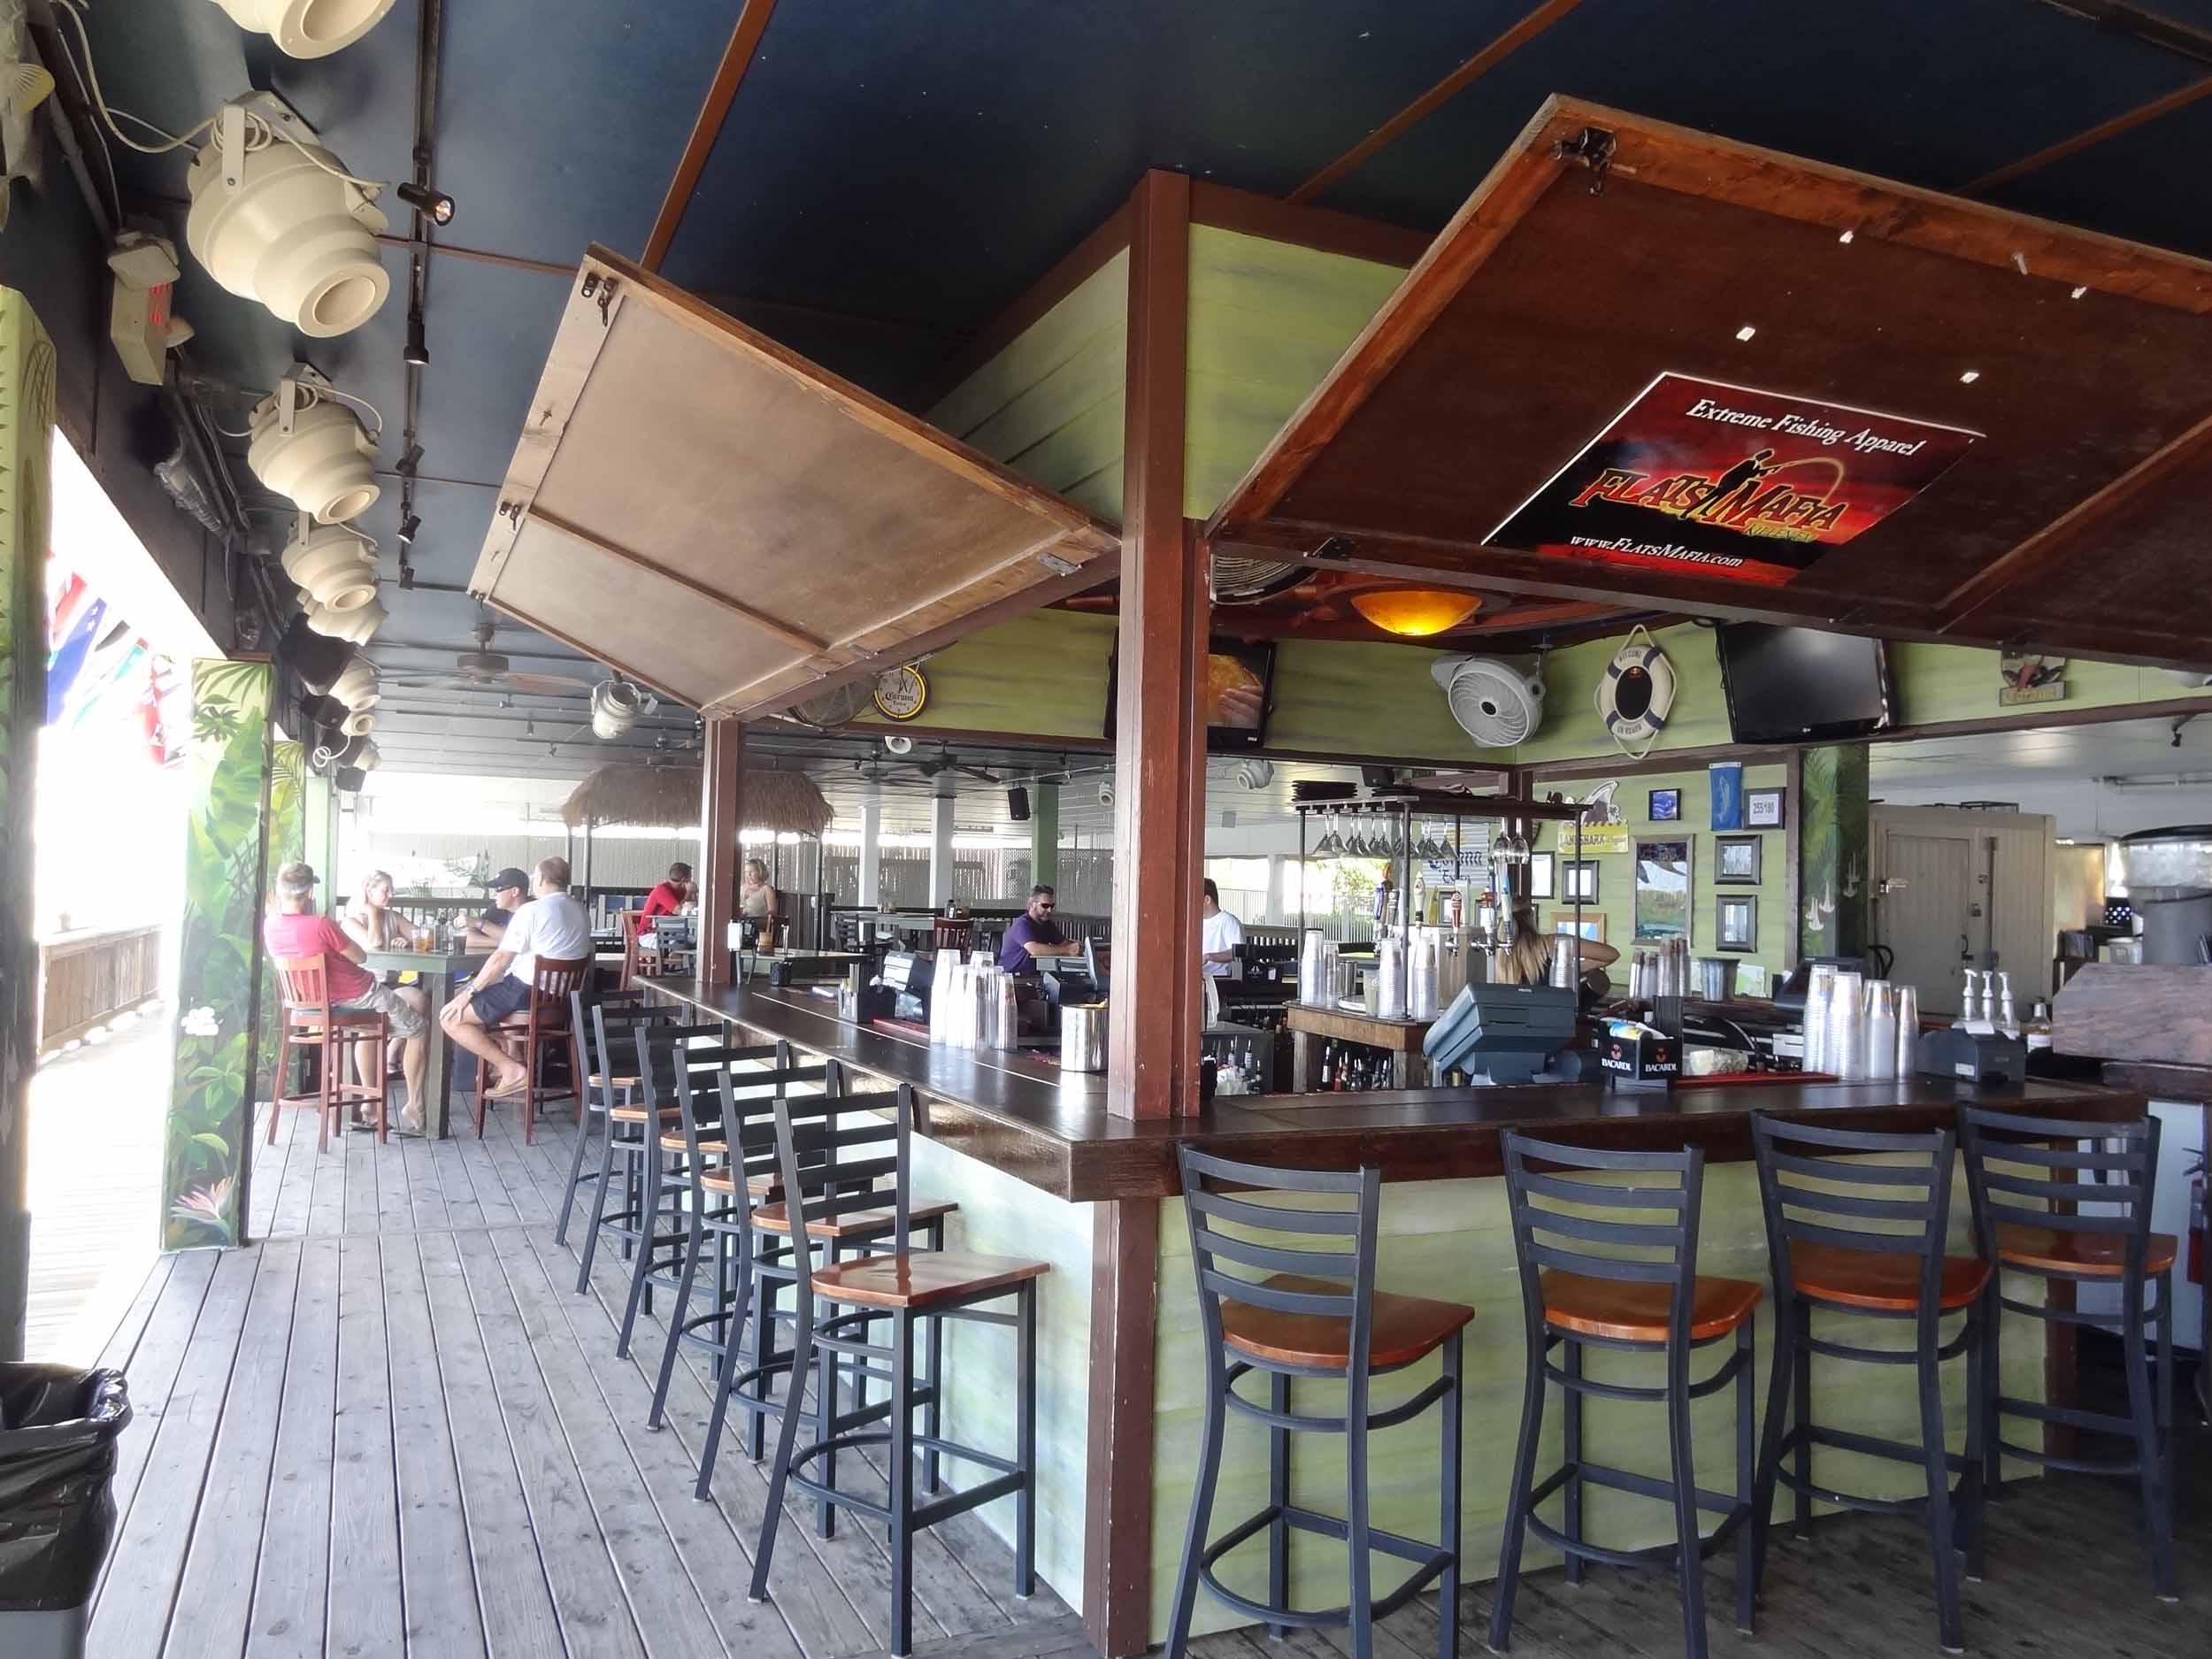 Duke's Retired Surfer's Island Bar